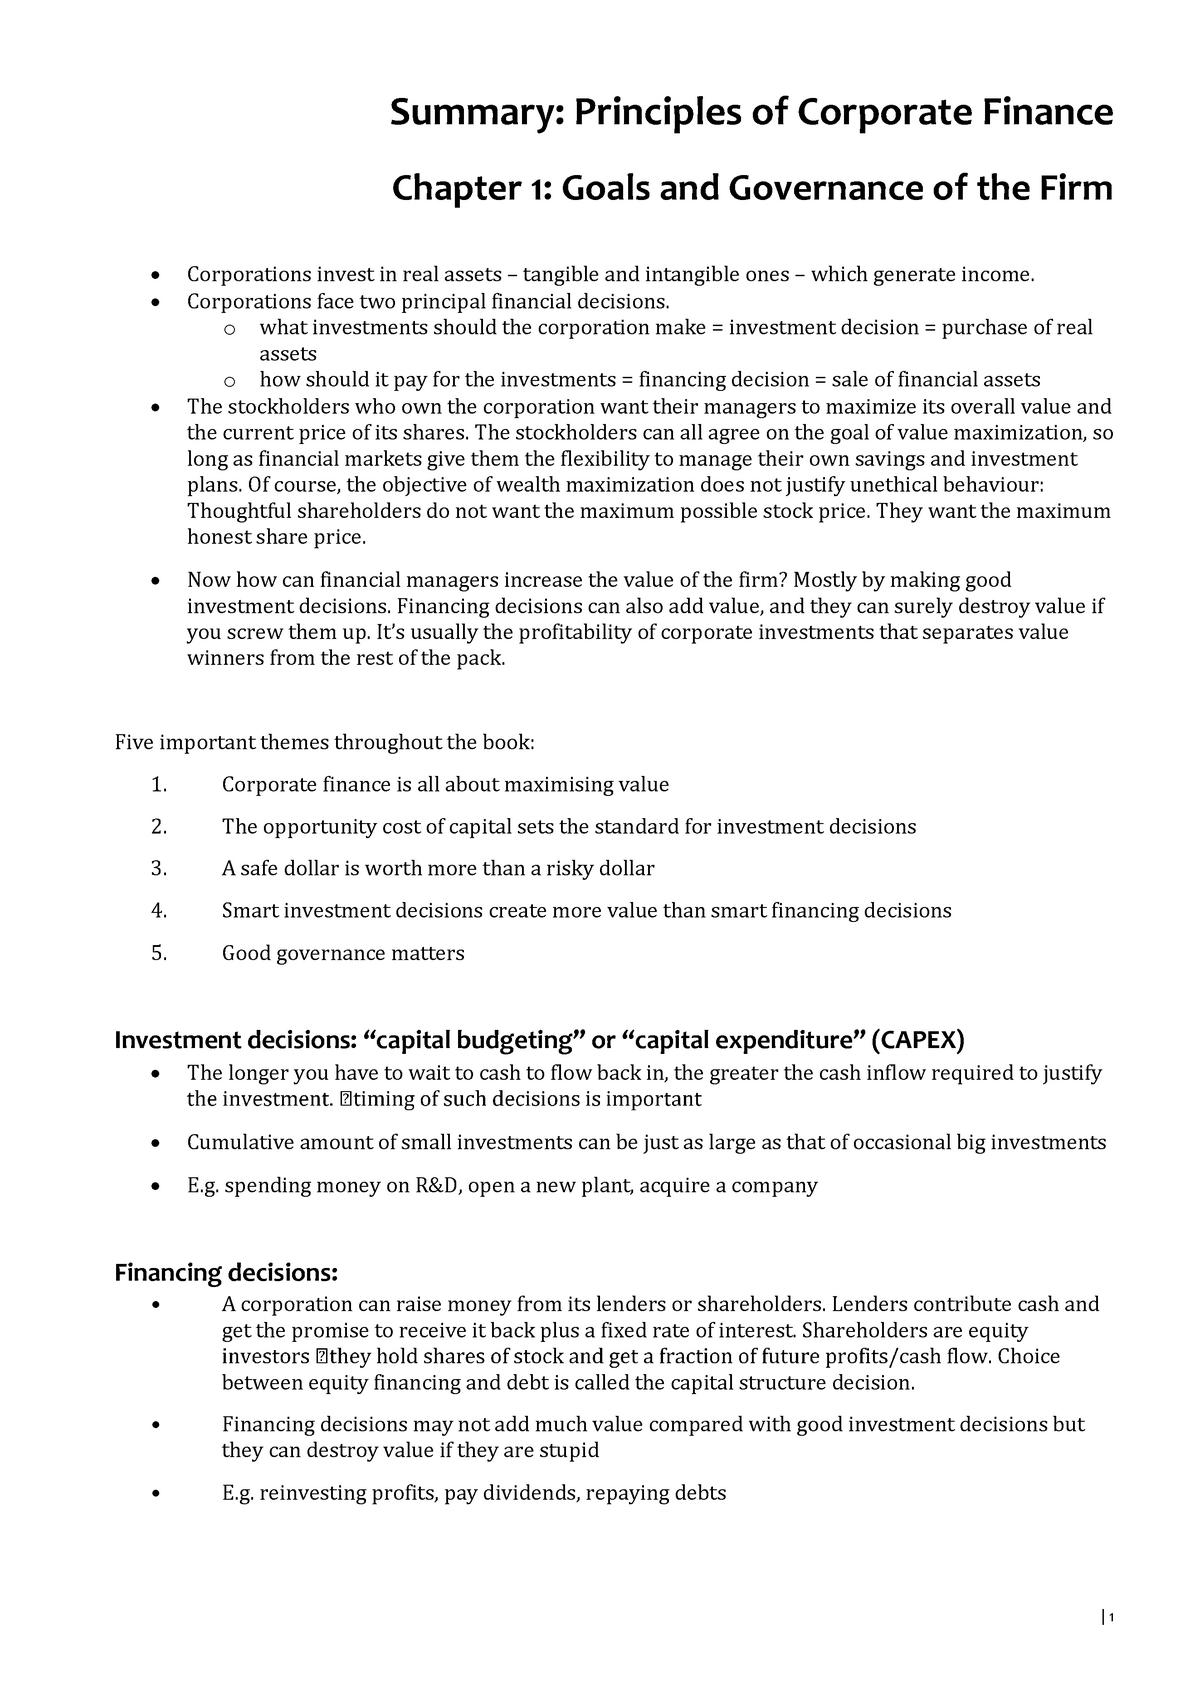 Summary Principles of Corporate Finance VU Strategic - StuDocu